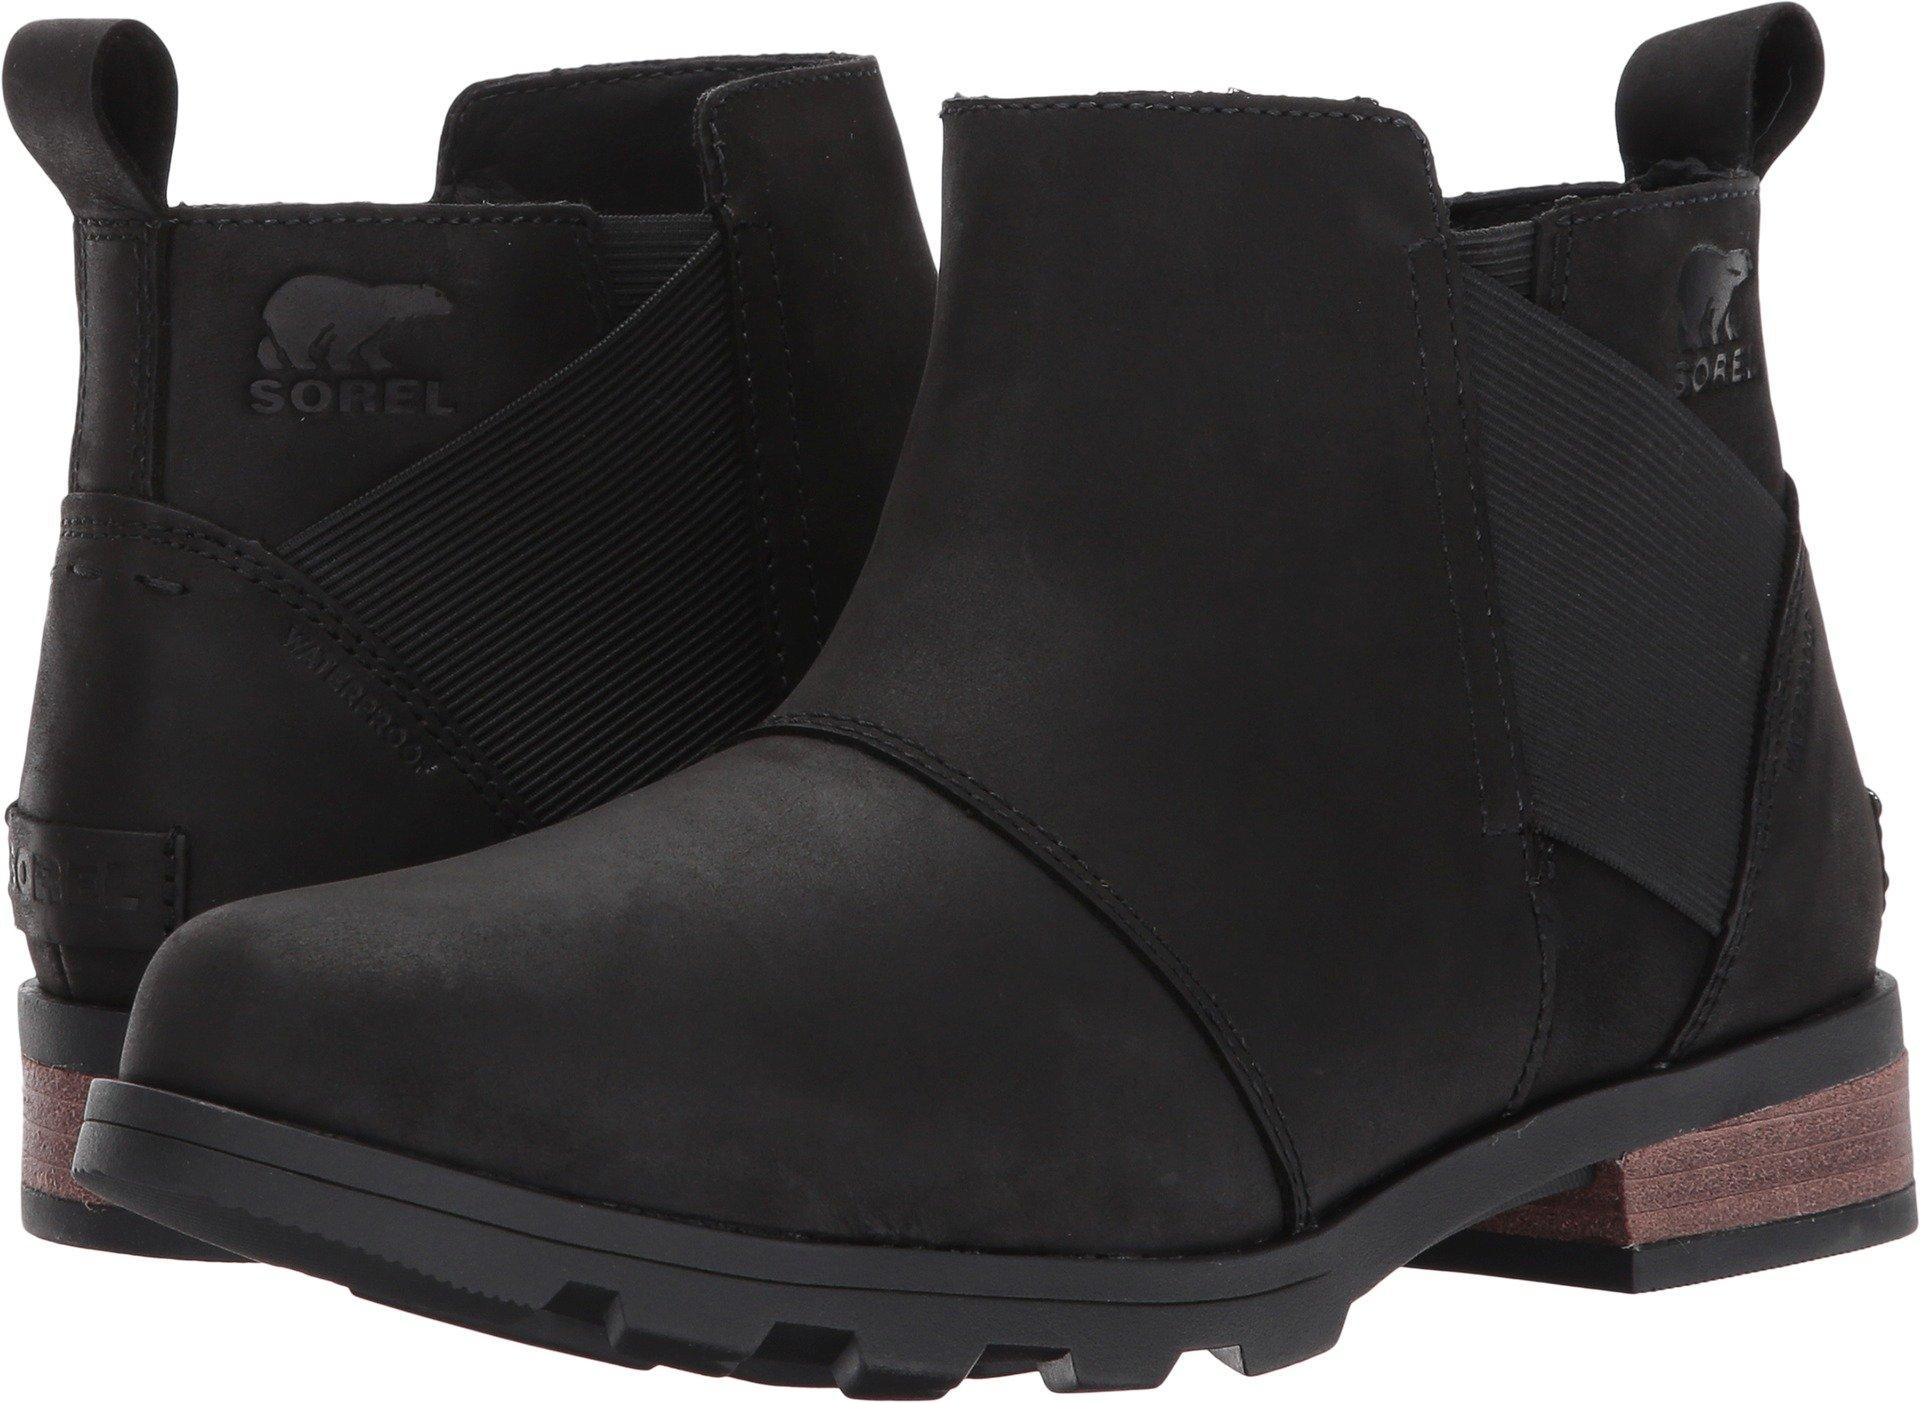 Sorel Emelie Chelsea Boot - Women's Black/Black, 5.0